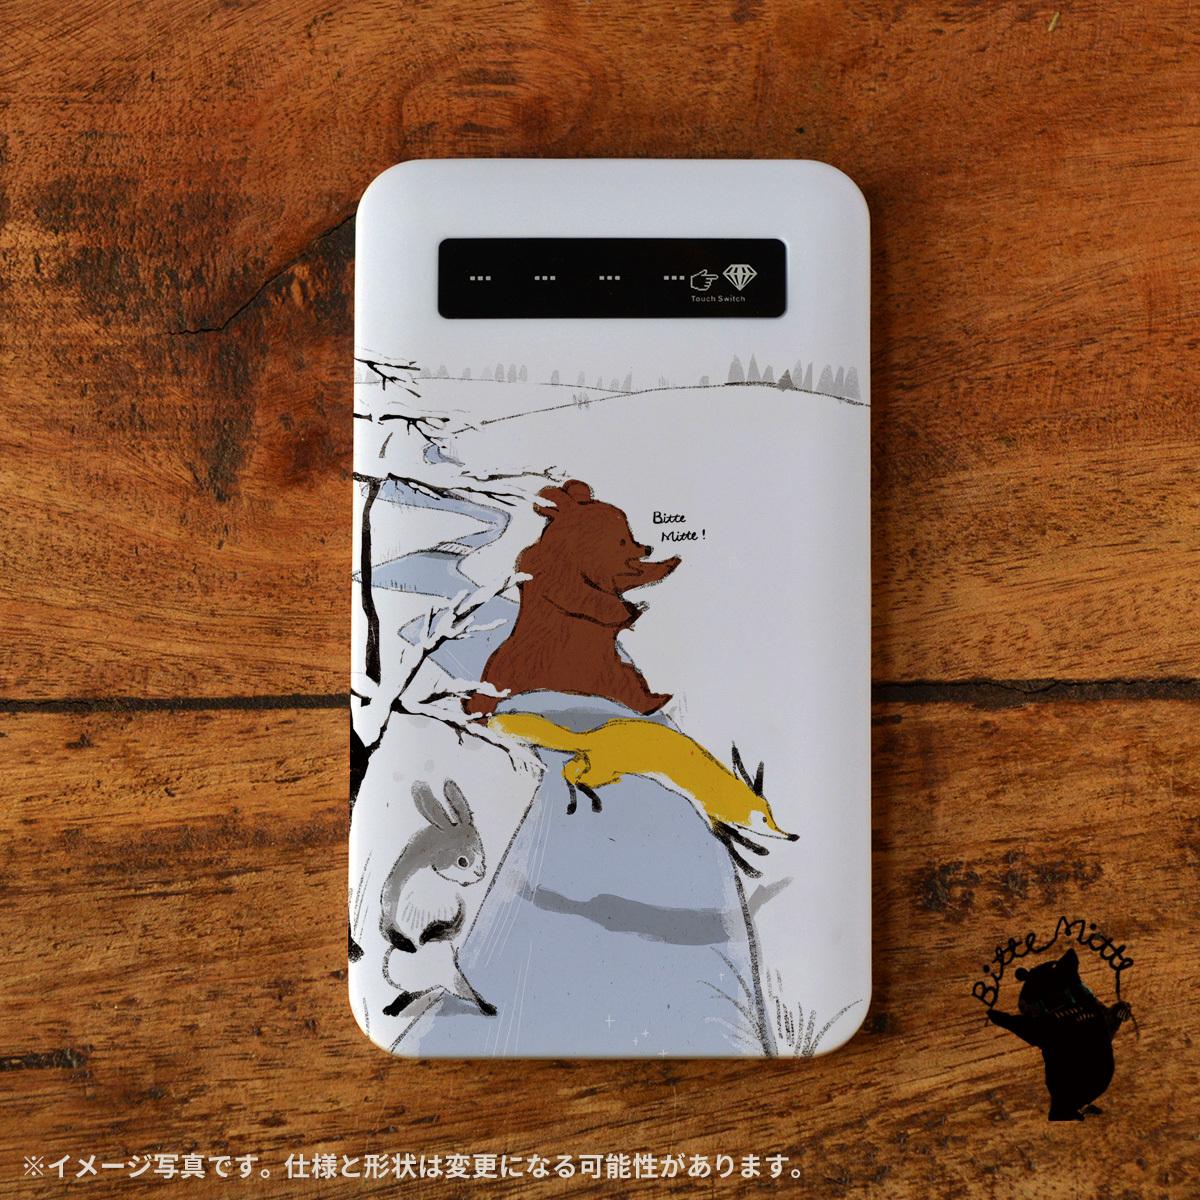 iphone モバイルバッテリー かわいい スマホ 充電器 持ち運び モバイルバッテリー 可愛い iphone 携帯充電器 アンドロイド かわいい きつね うさぎ くま 河ジャンプ/Bitte Mitte!